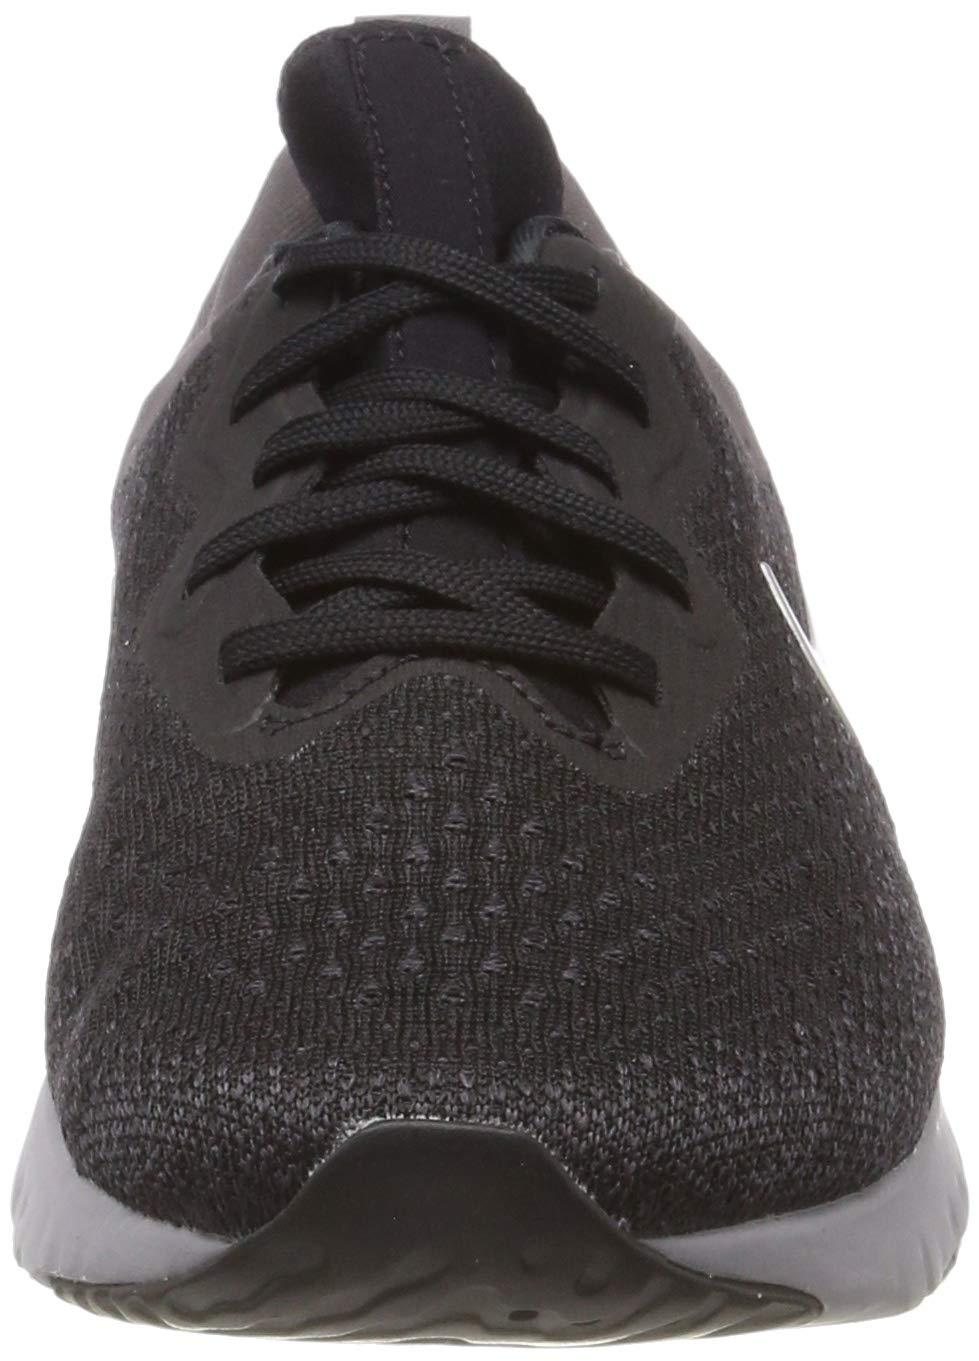 Nike Mens Odyssey React Running Shoes Black/Metallic/Grey/Atmos Grey 7 by Nike (Image #4)